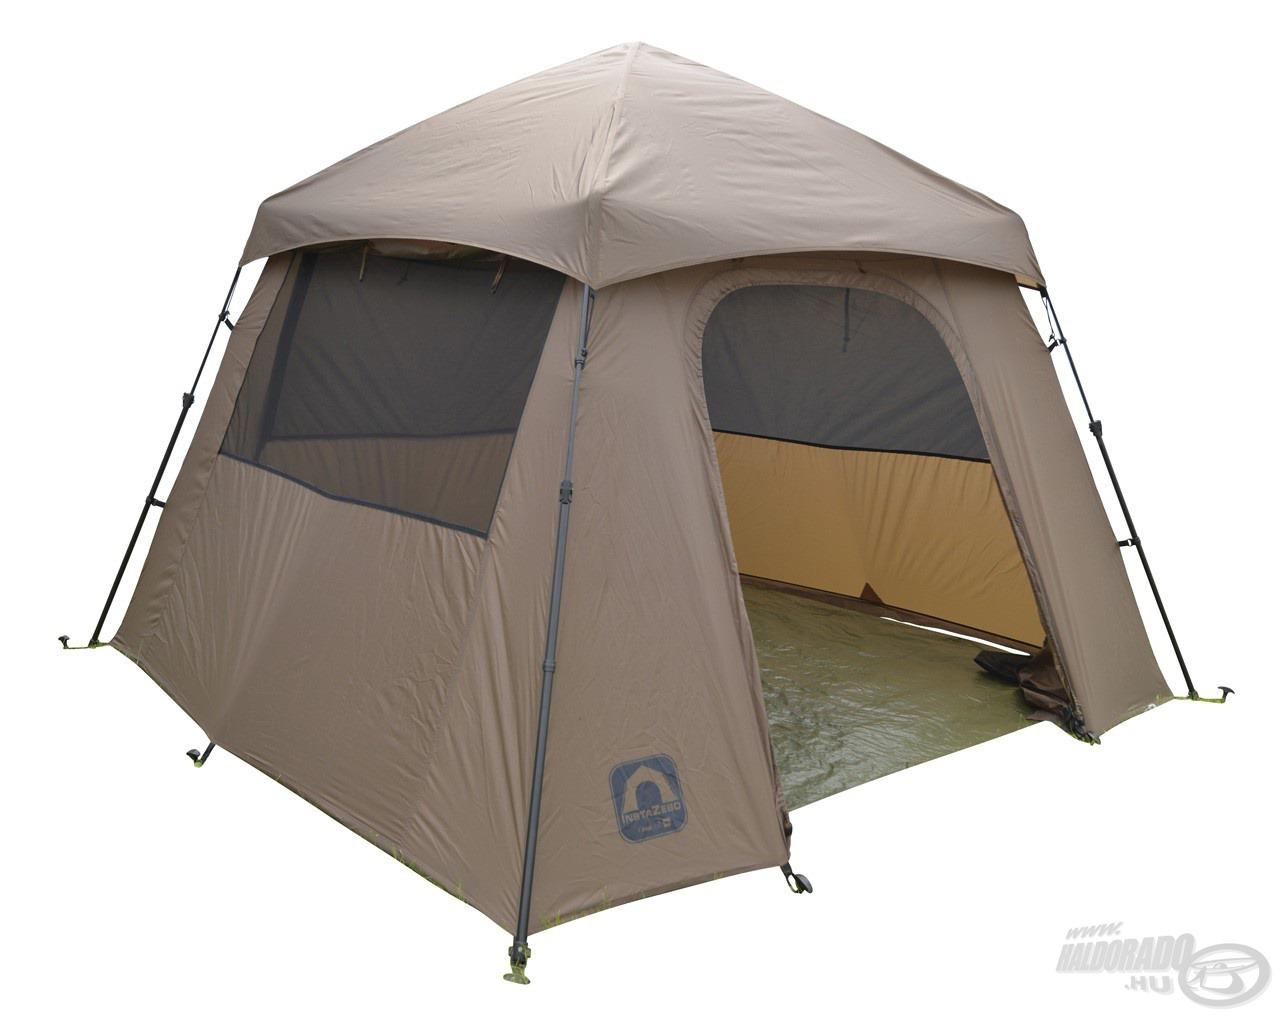 Nyári sátor azoknak, akik egy jól szellőző, teljes panoráma kilátást biztosító, könnyű és egyszerűen felállítható sátrat keresnek